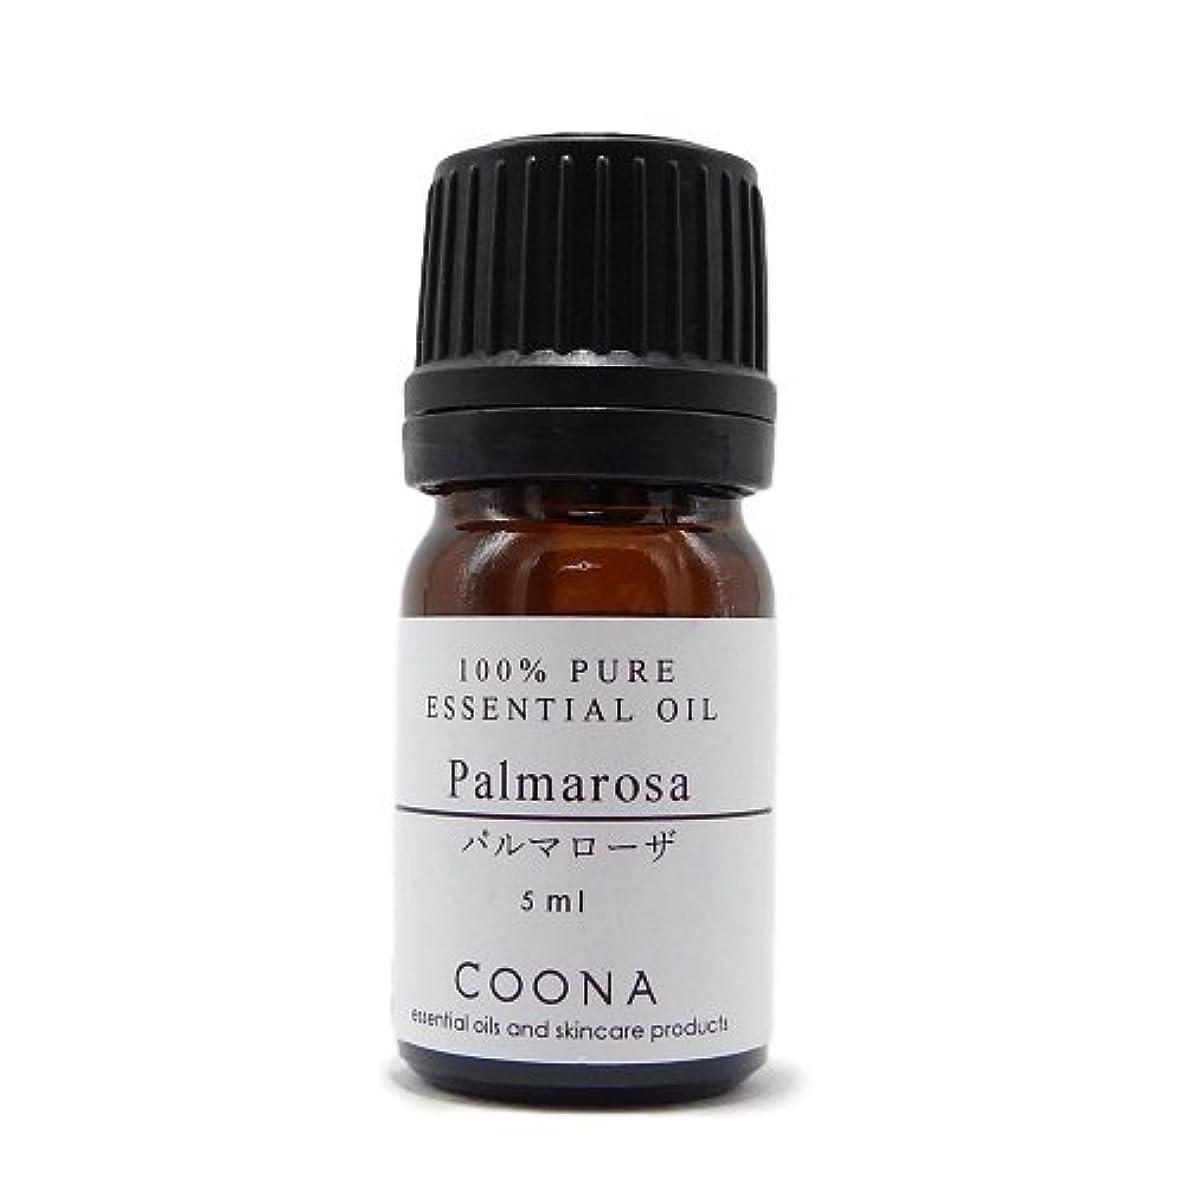 回想独特の重要パルマローザ 5 ml (COONA エッセンシャルオイル アロマオイル 100%天然植物精油)